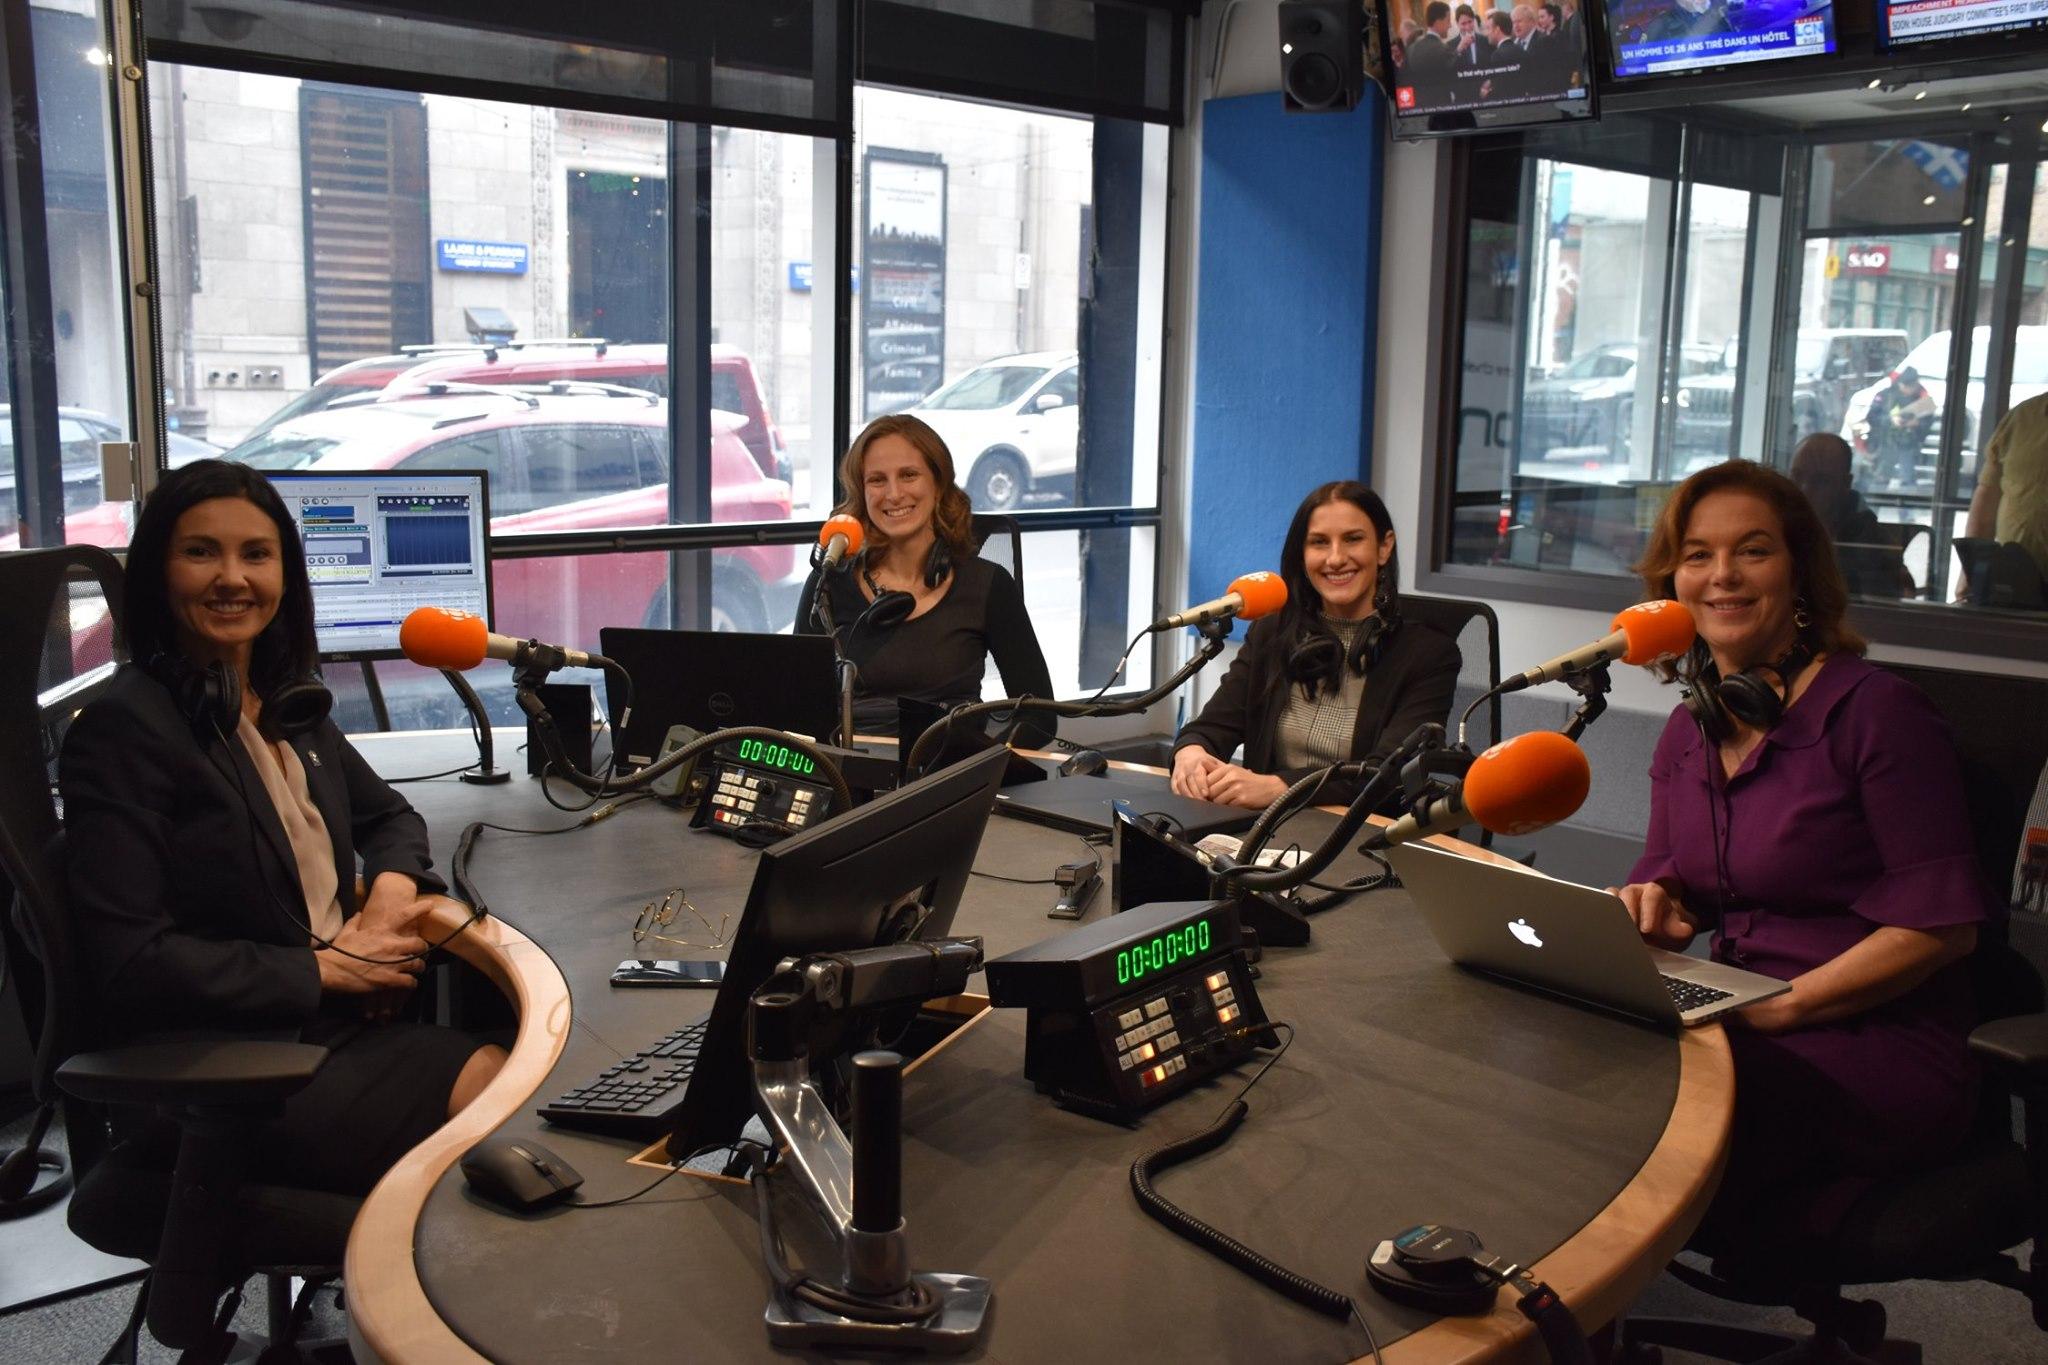 ICI PREMIÈRE: QUATRE DÉPUTÉES DE QUATRE PARTIS CONTRE LA CYBERINTIMIDATION ENVERS LES FEMMES